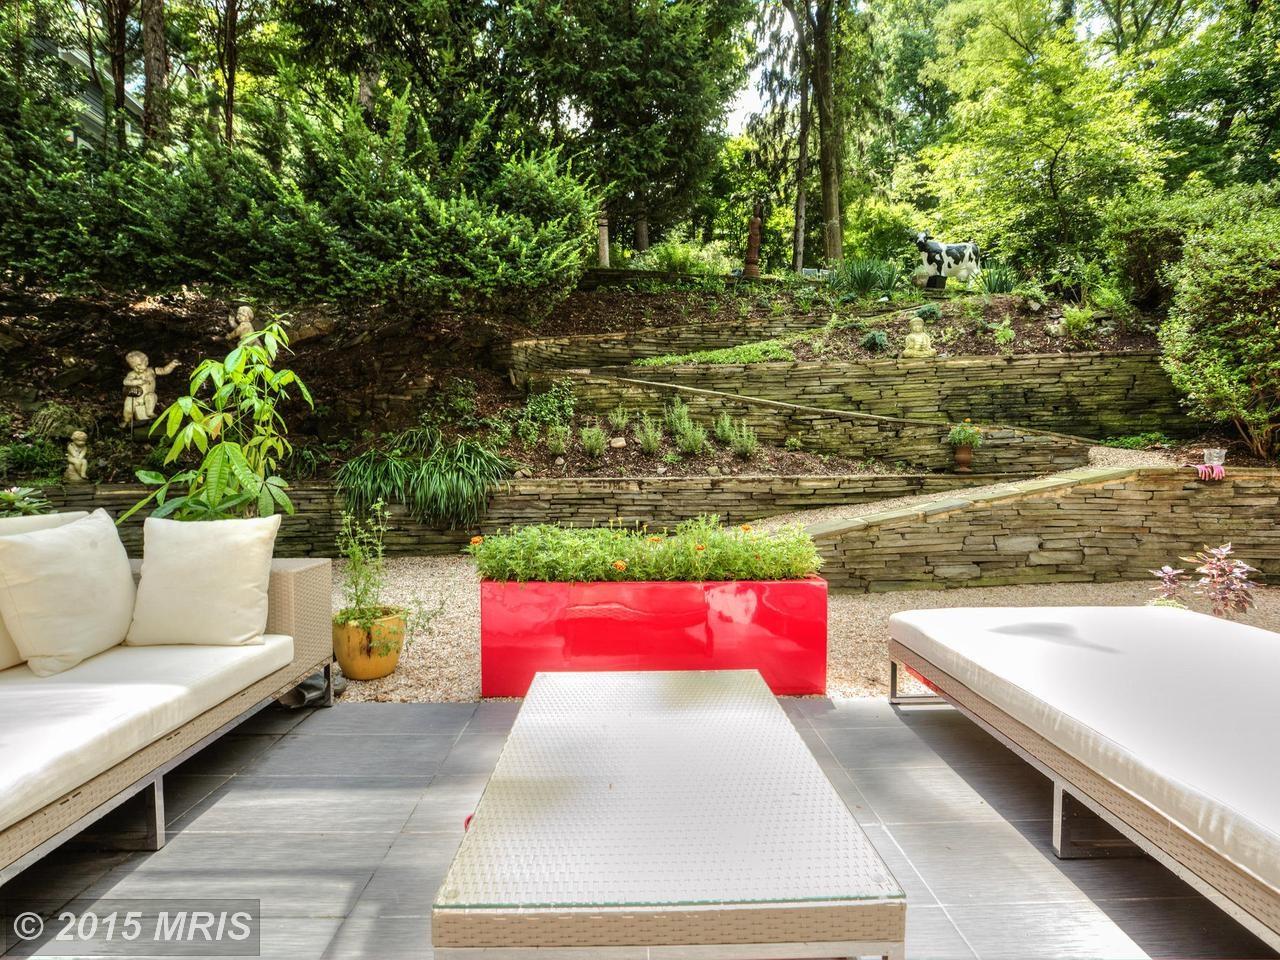 Терраса рядом с гостиной и дорожка ведущая в глубь сада.